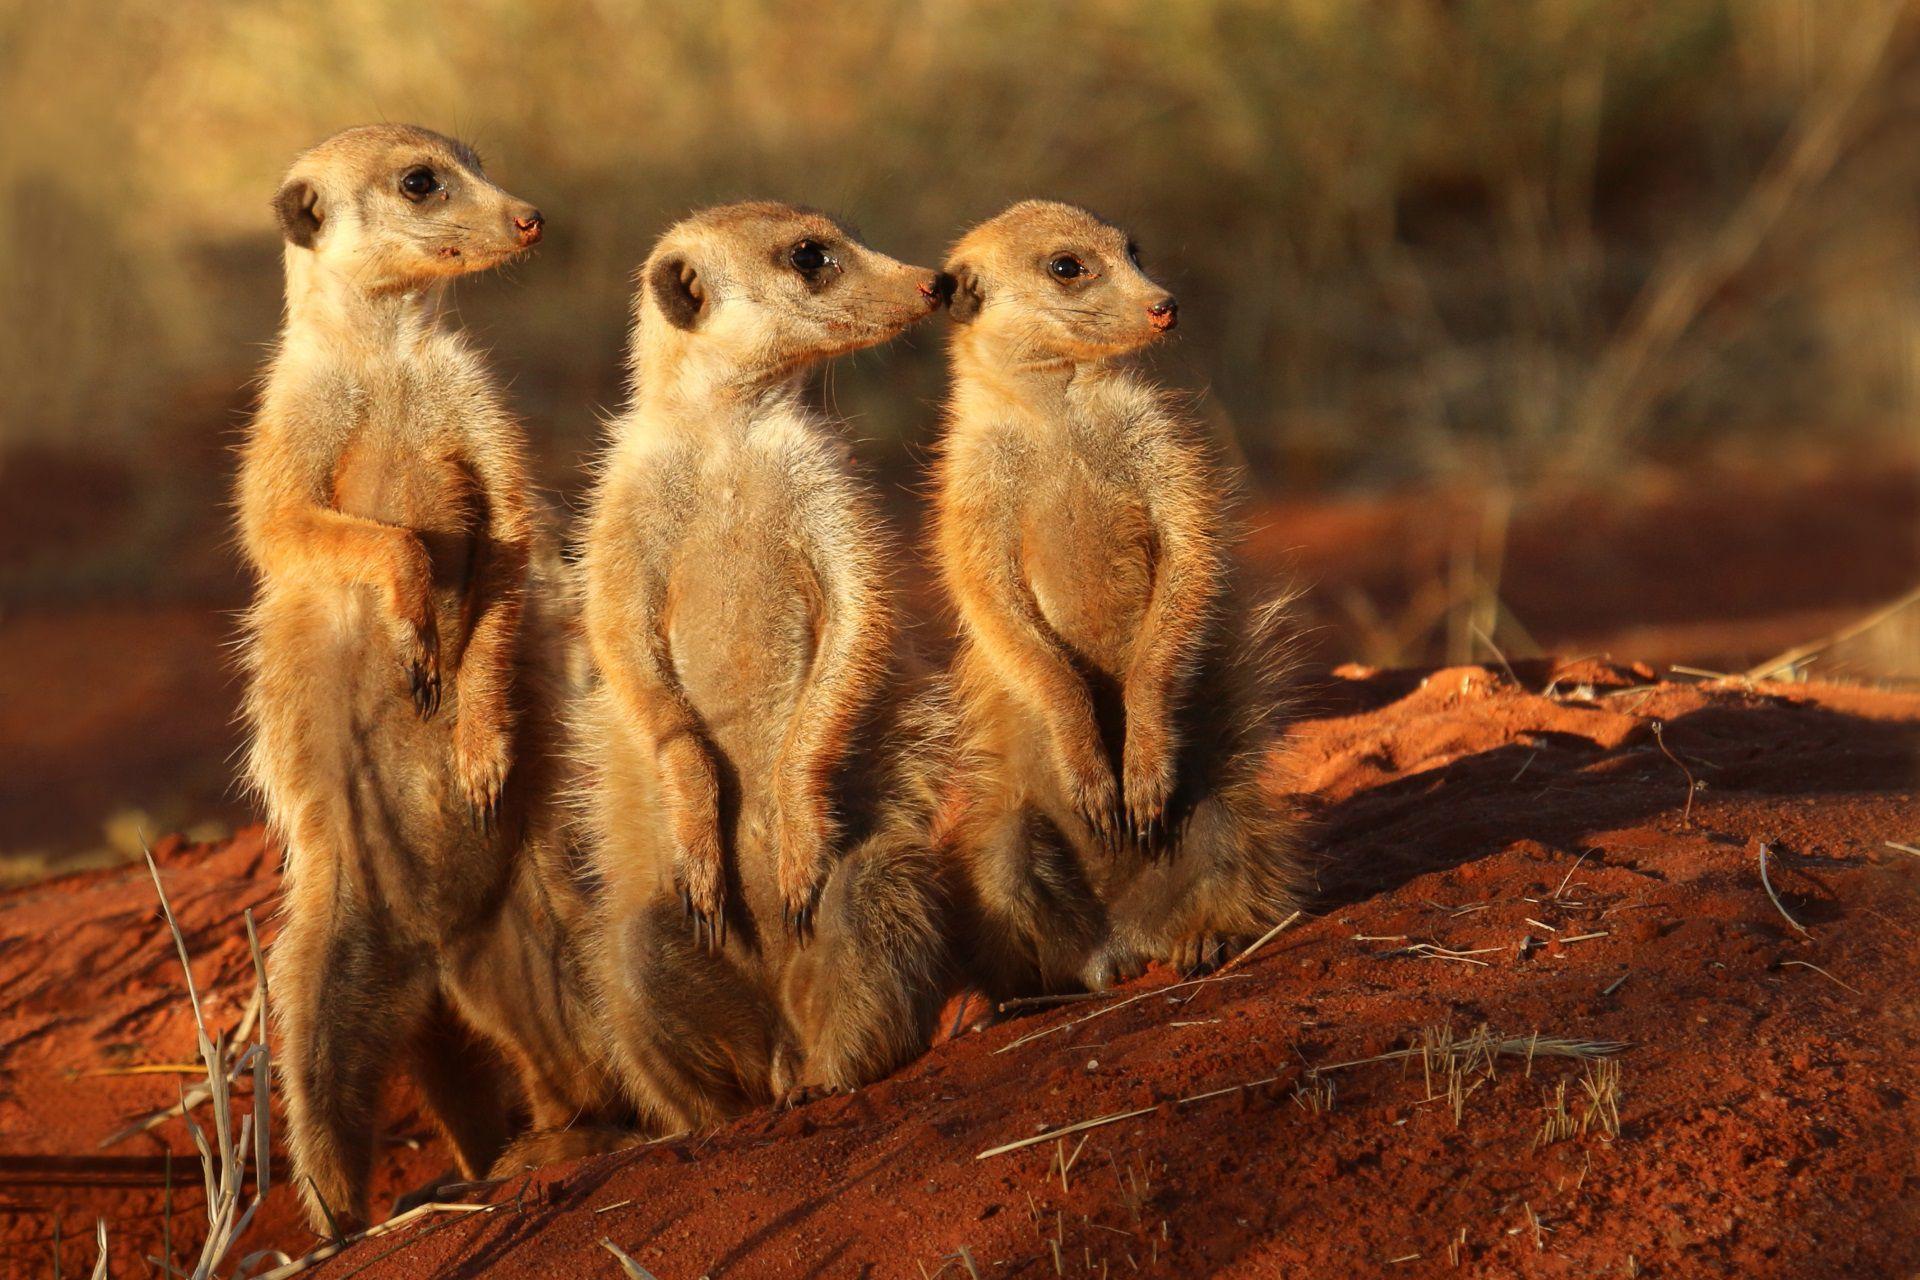 Meerkat New Wallpaper